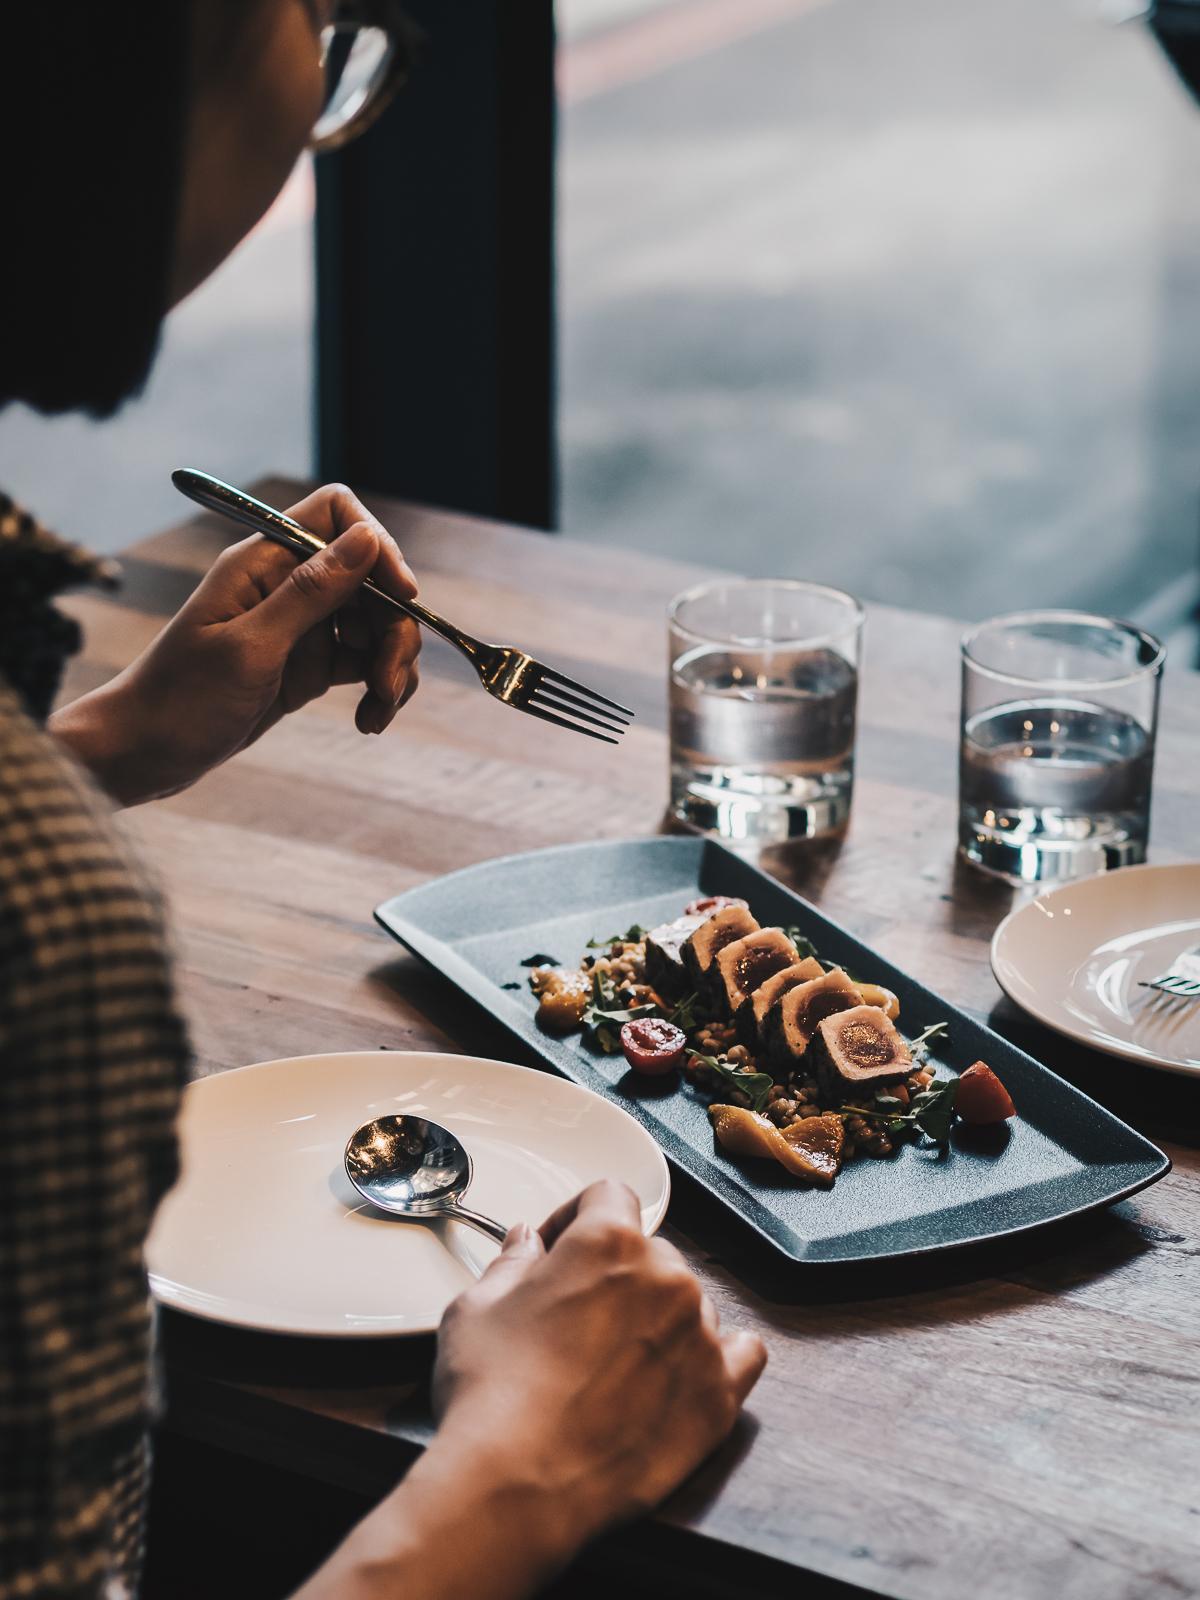 直火炭烤鮪魚大麥沙拉 Charcoaled Tuna with Barley Salad